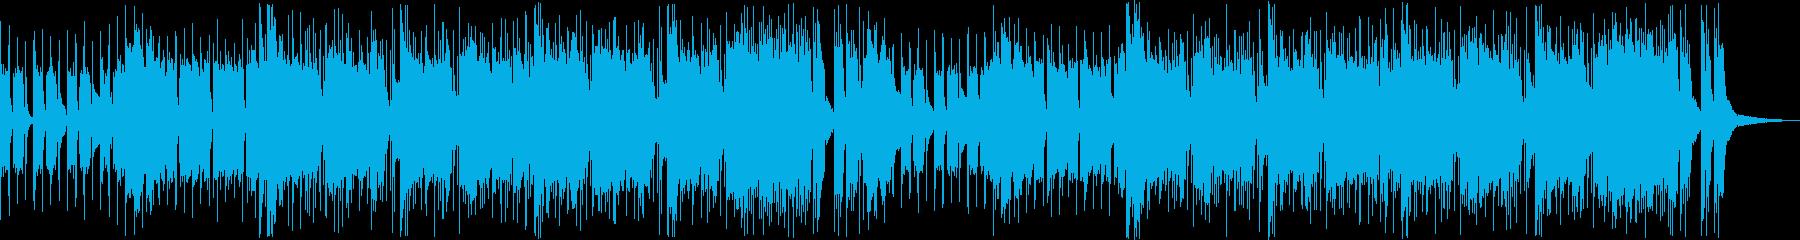 格闘ゲーム風のバトル曲 メタル風の再生済みの波形